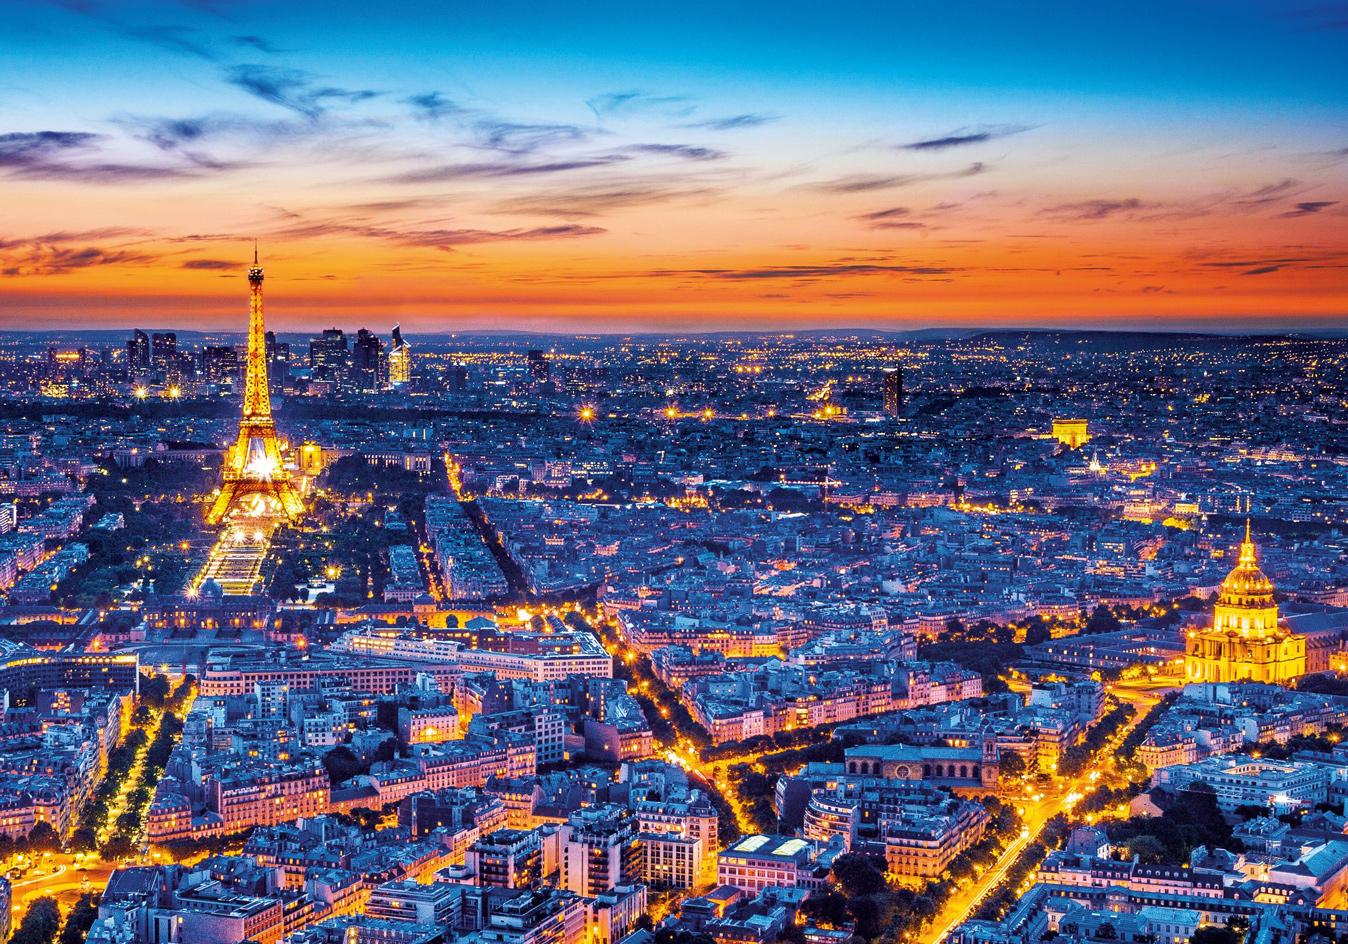 Paris View Skyline / Cityscape Jigsaw Puzzle